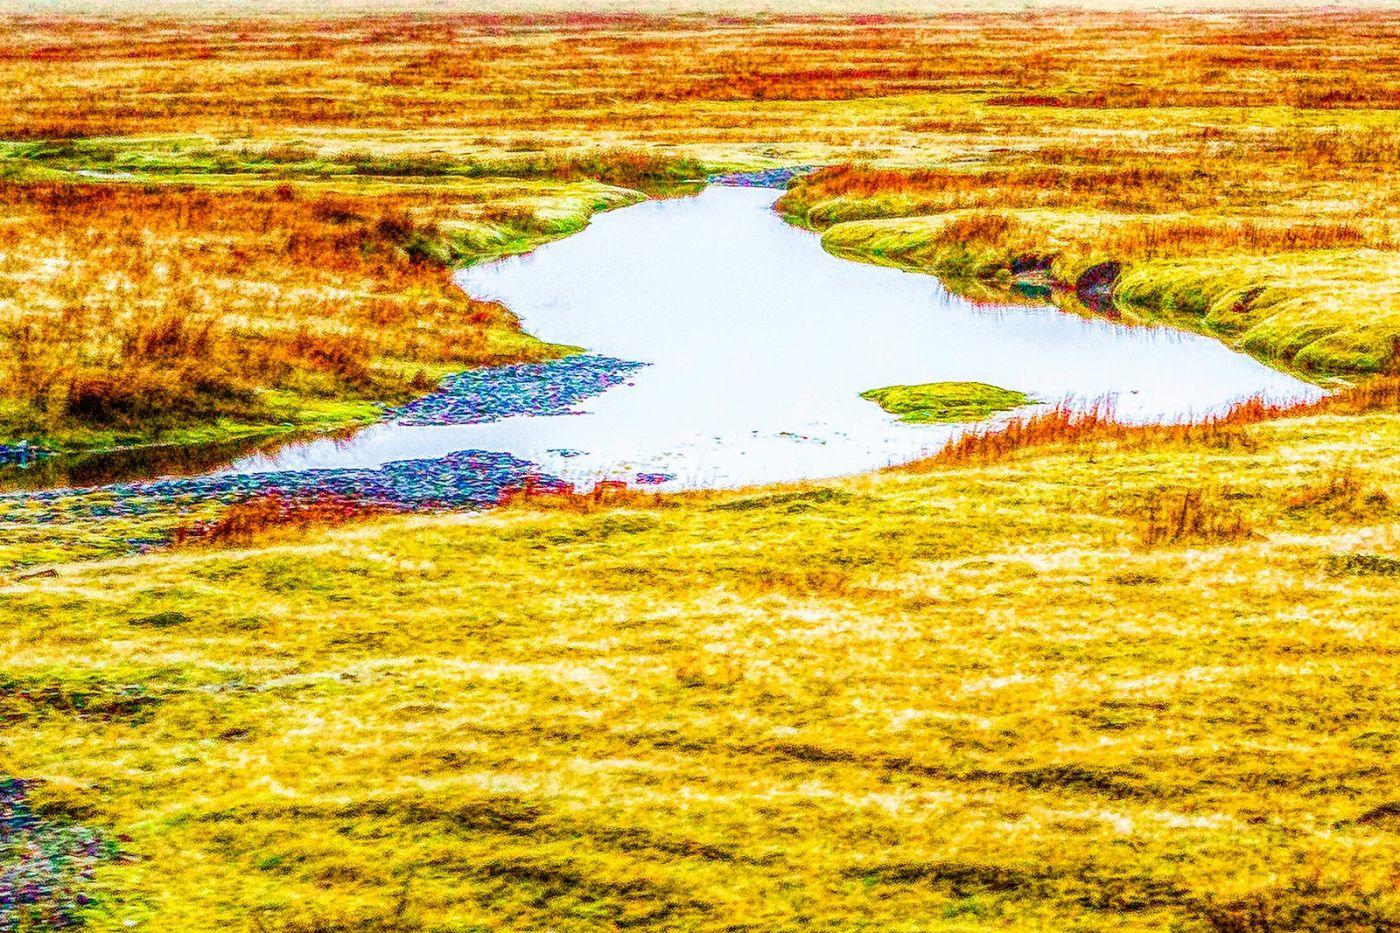 冰岛风采,延伸视野_图1-5